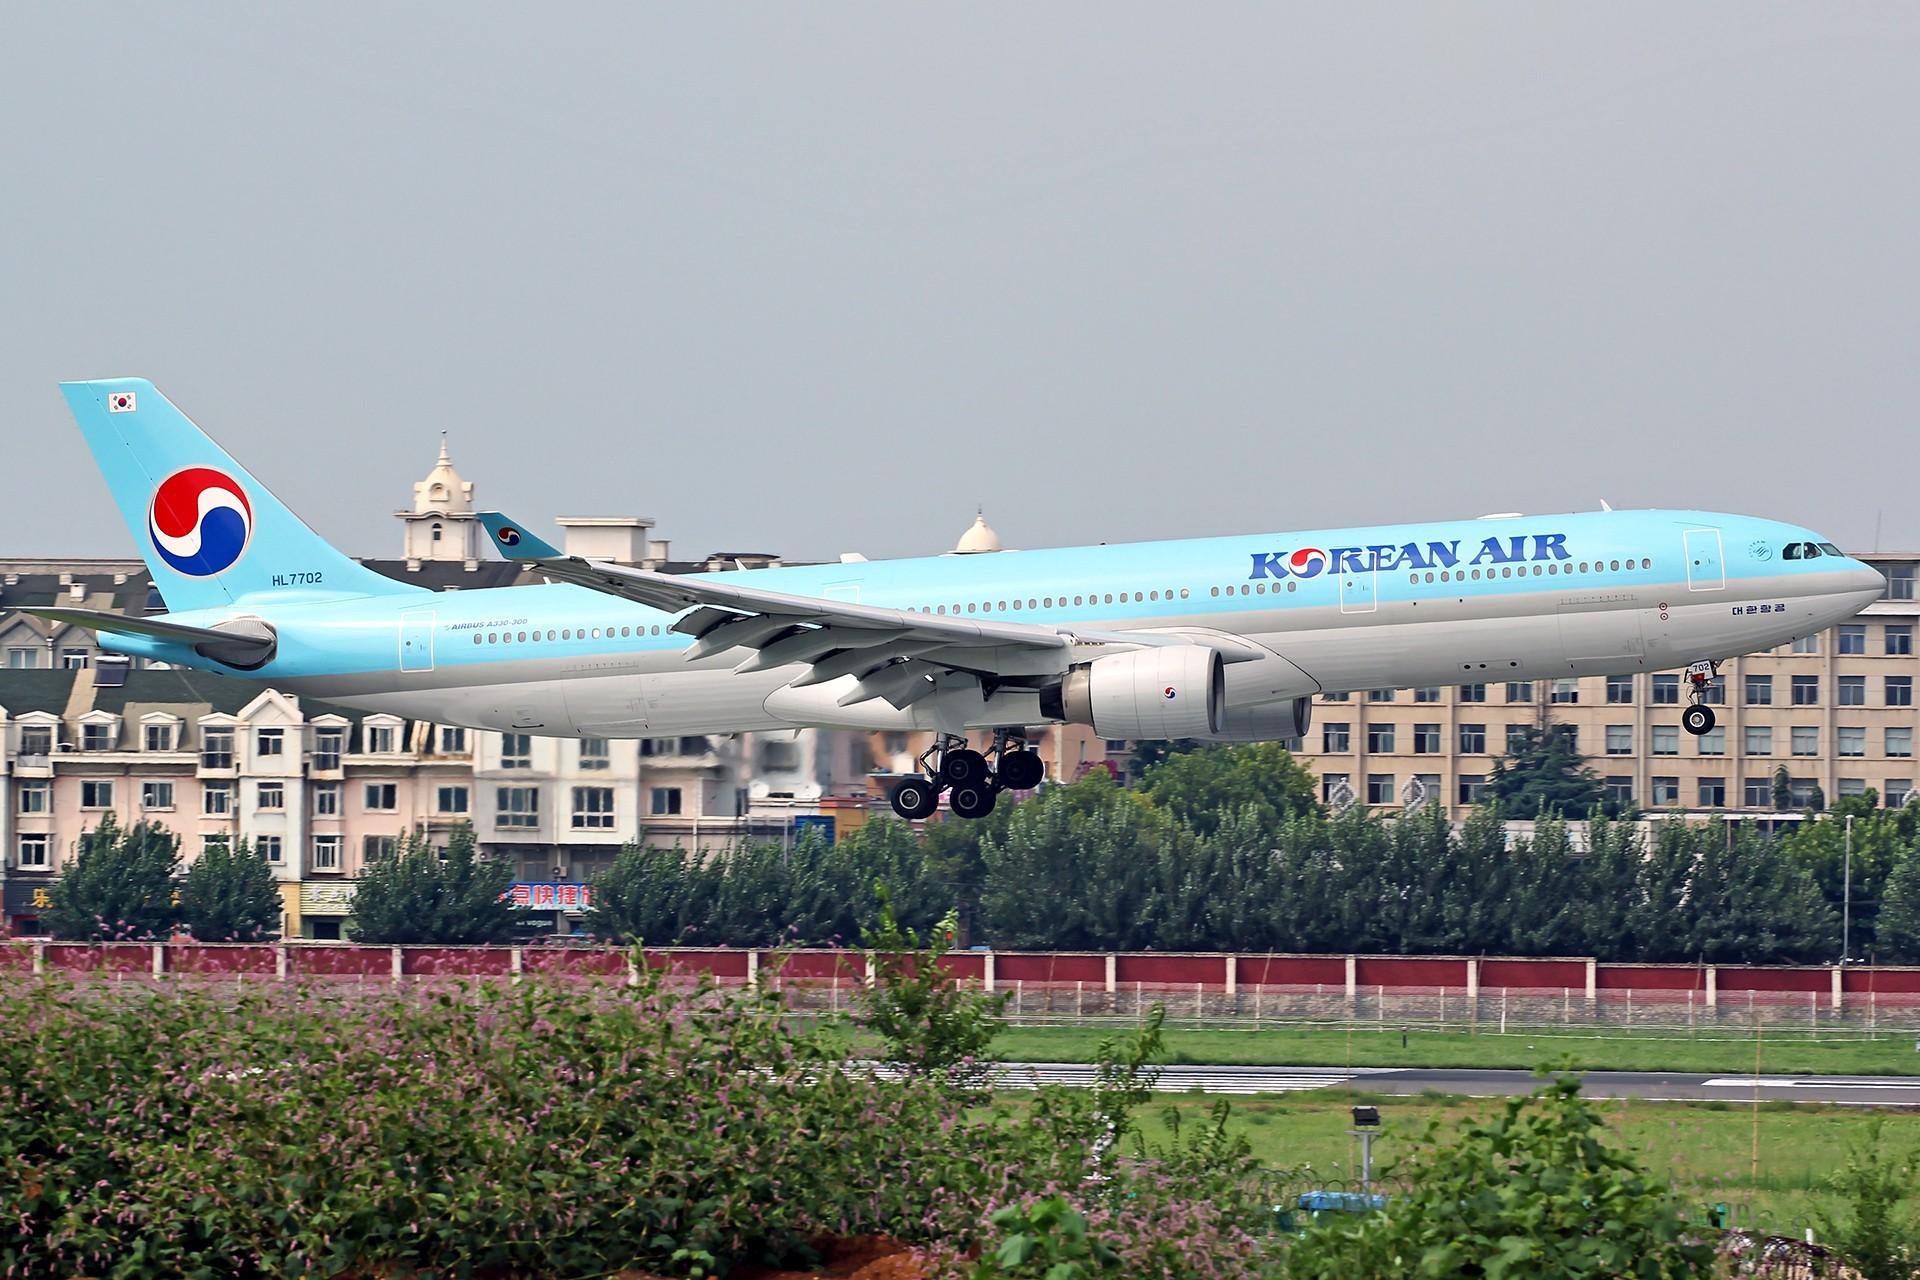 Re:[原创][DLC]。。。皇军与美女。。。 AIRBUS A330-300 HL7702 中国大连国际机场